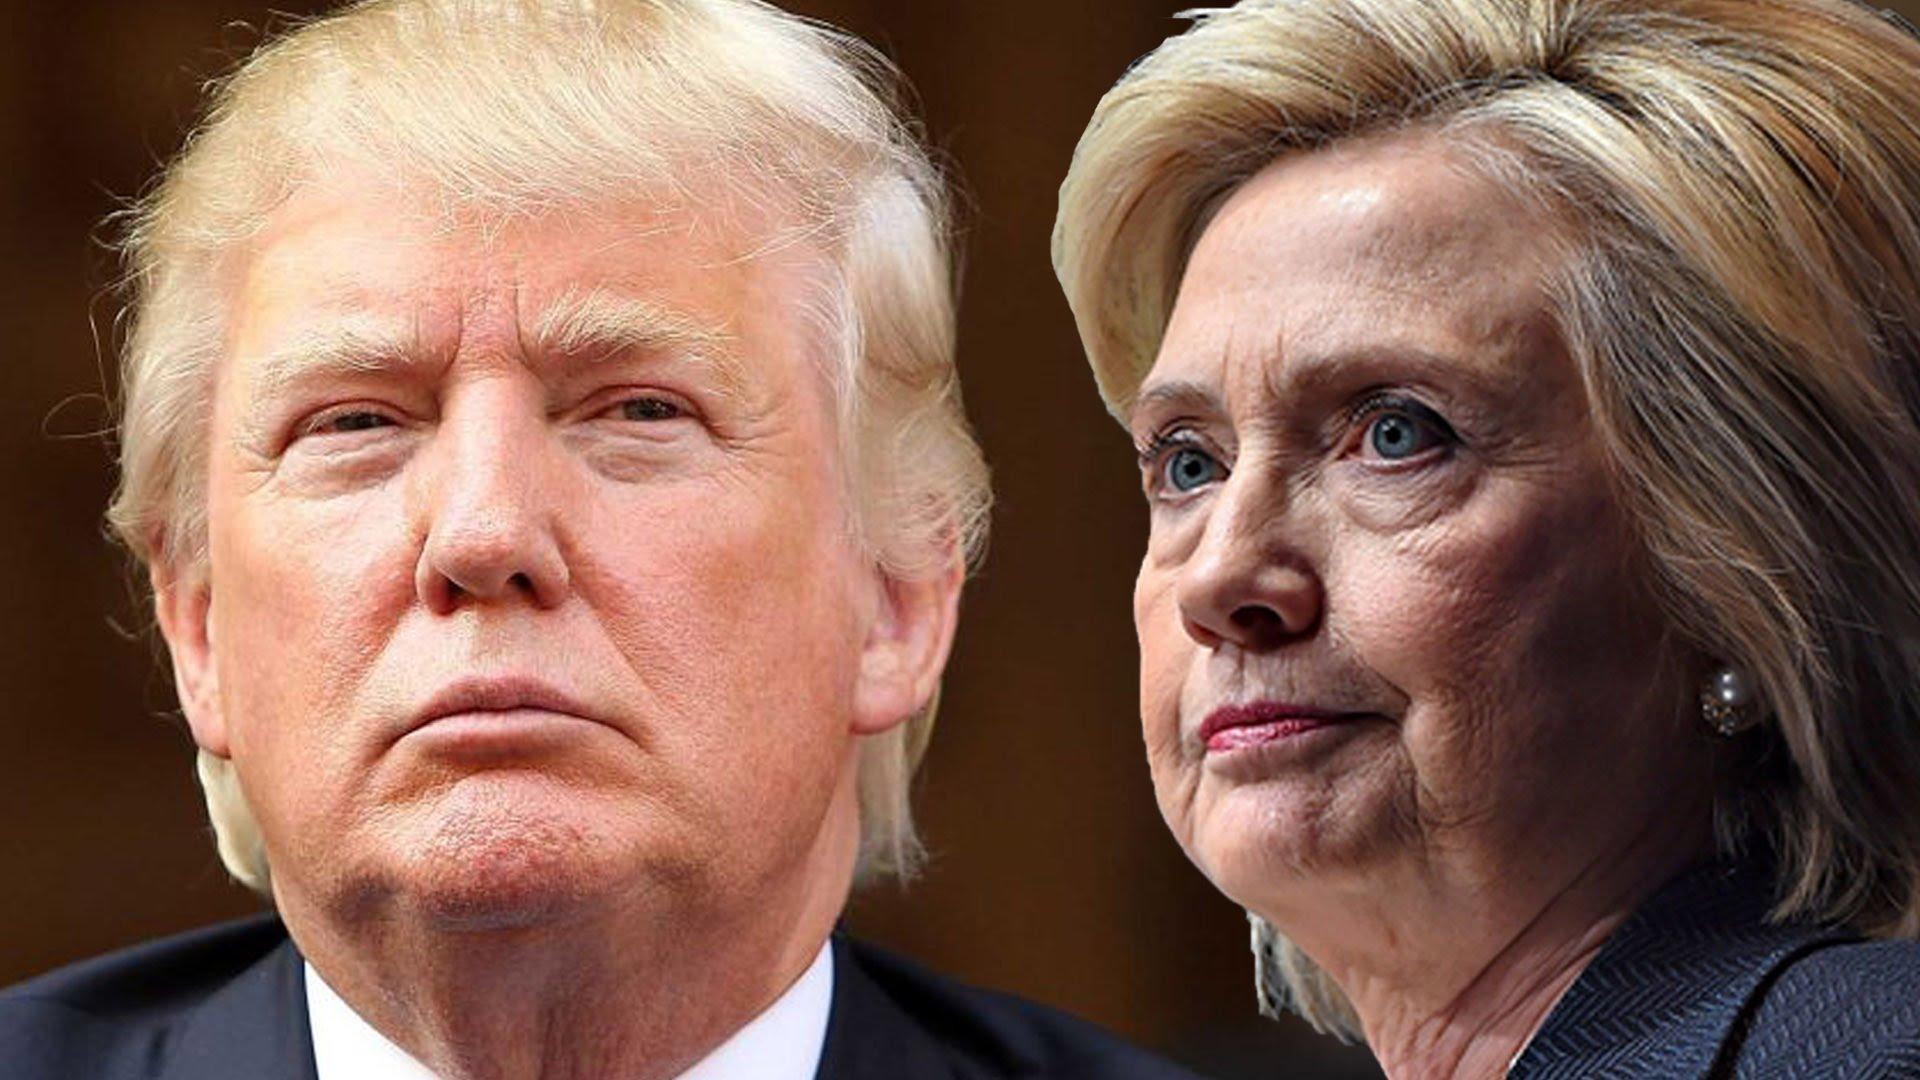 الحزب الديمقراطي يقاضي ترامب وروسيا للعمل على تدمير هيلاري كلينتون